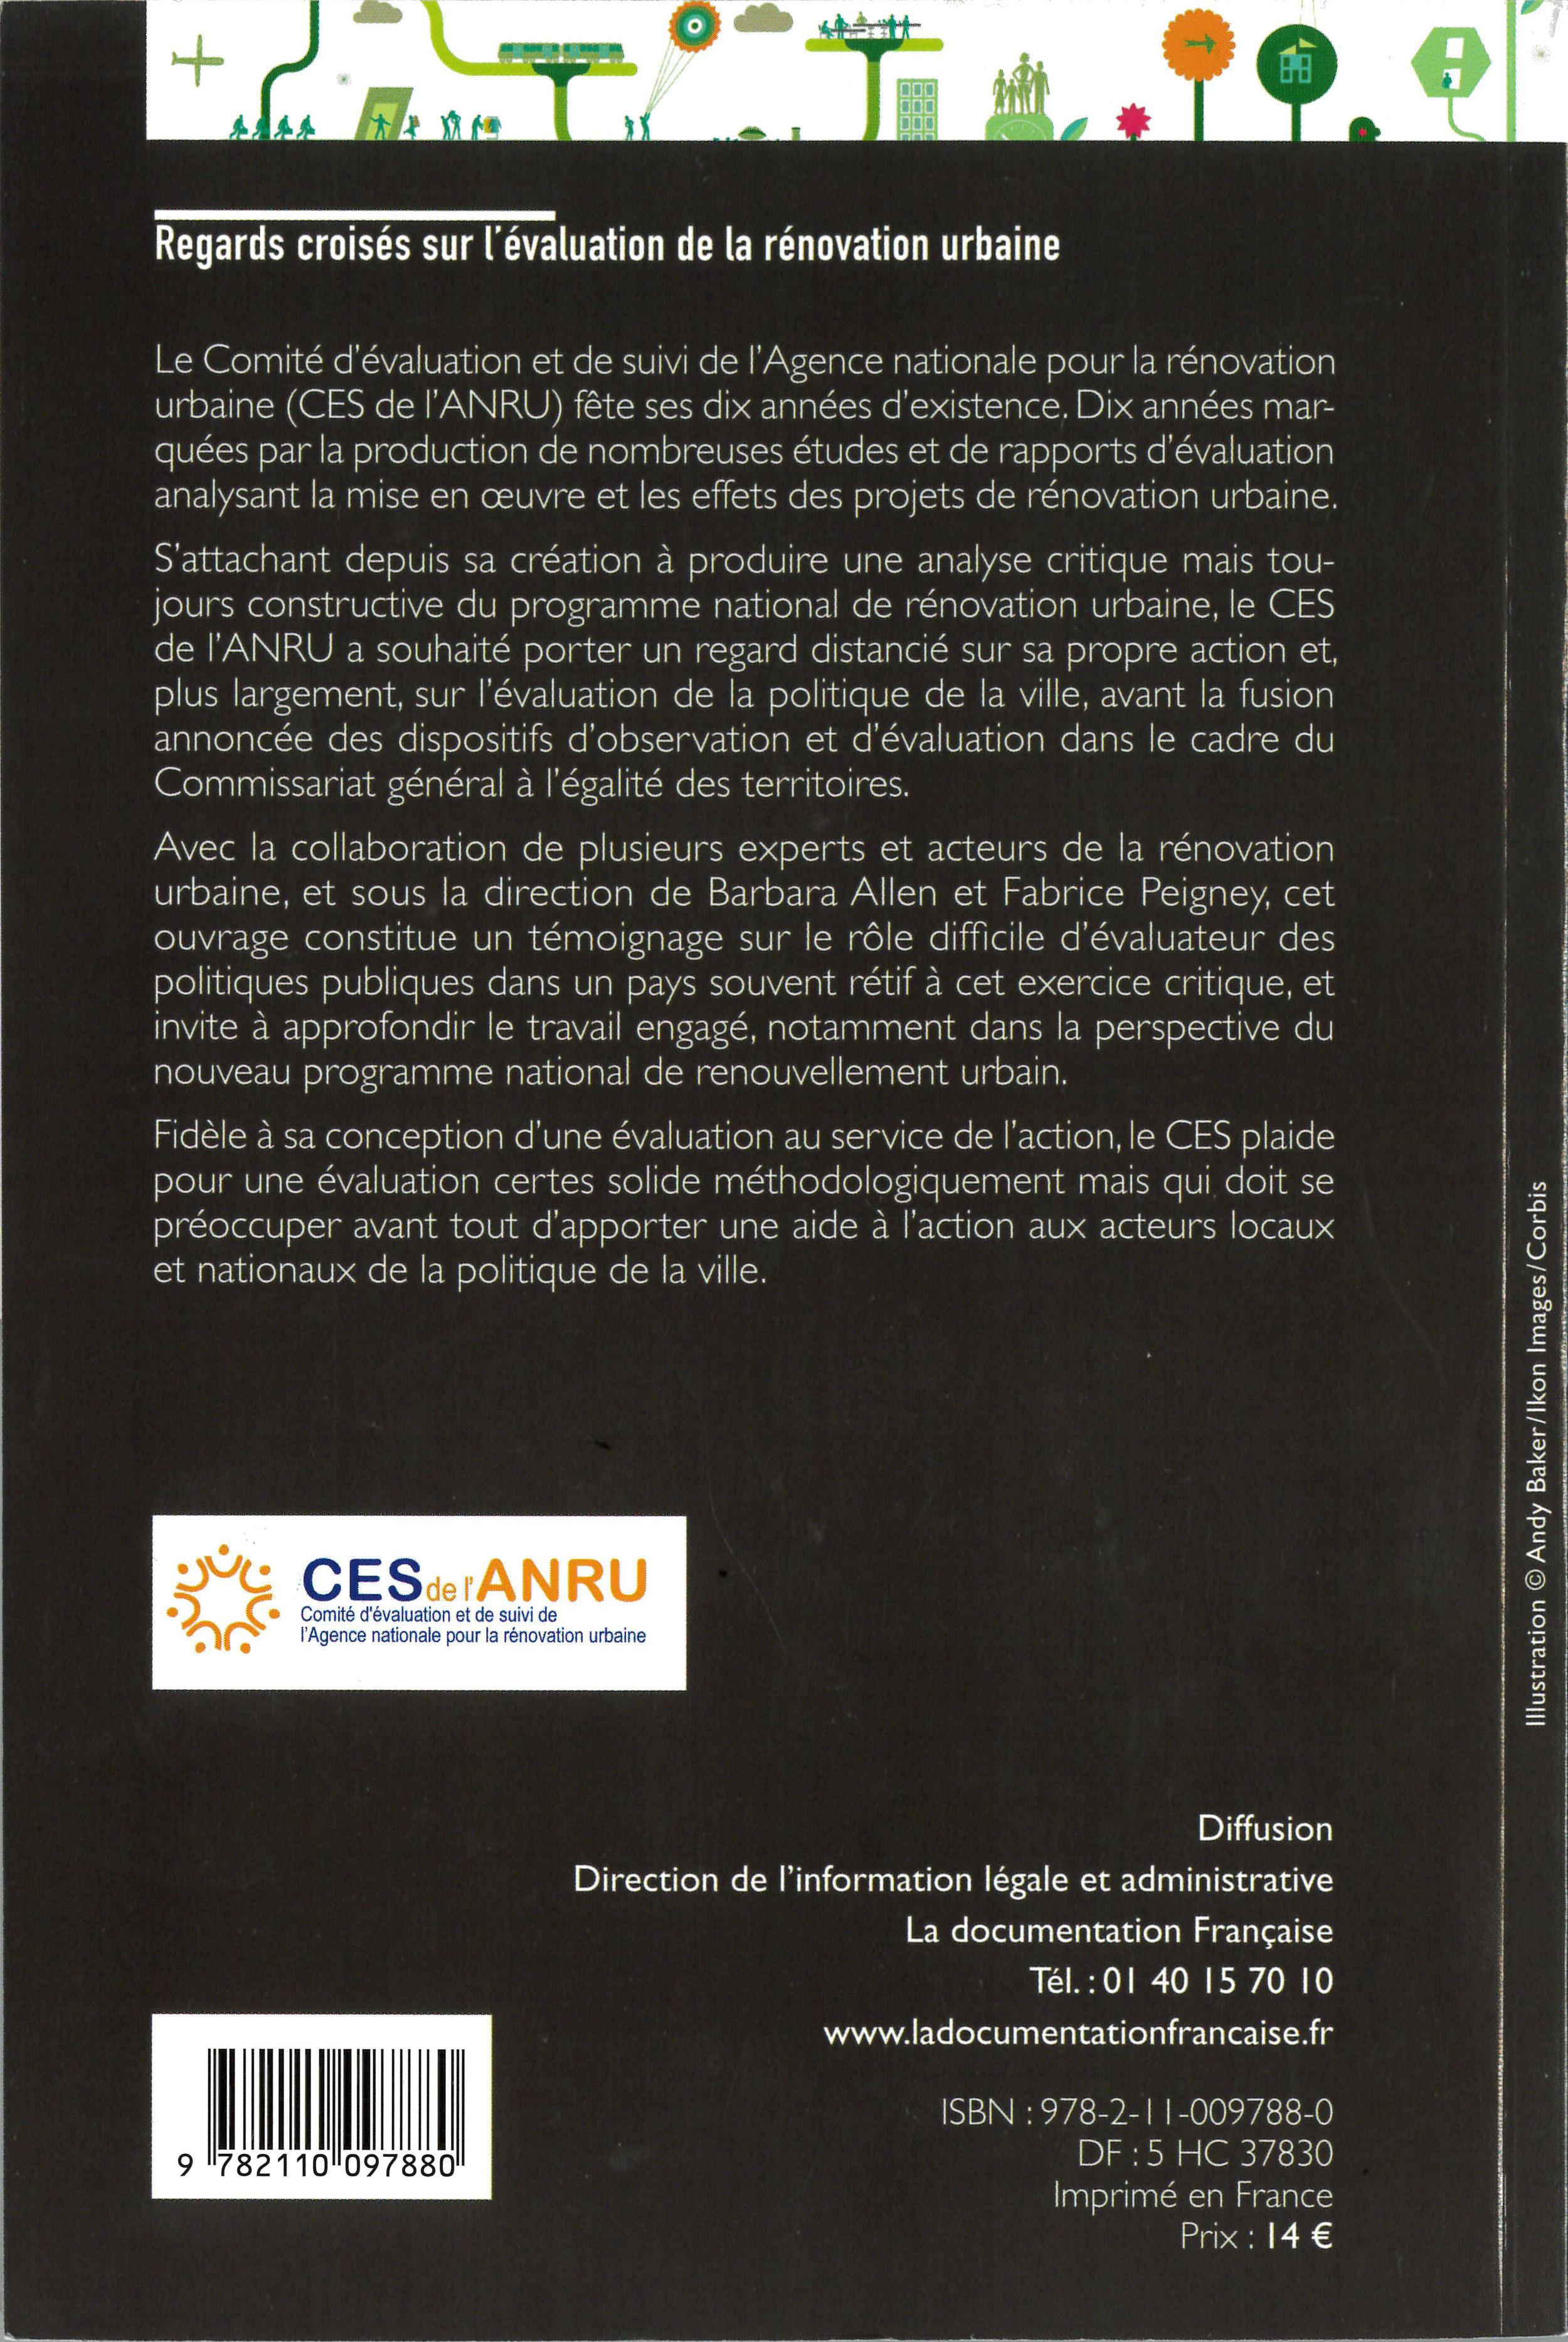 La doc Française - Regards croisés évaluation rénavation urbaine_cover 2.jpg